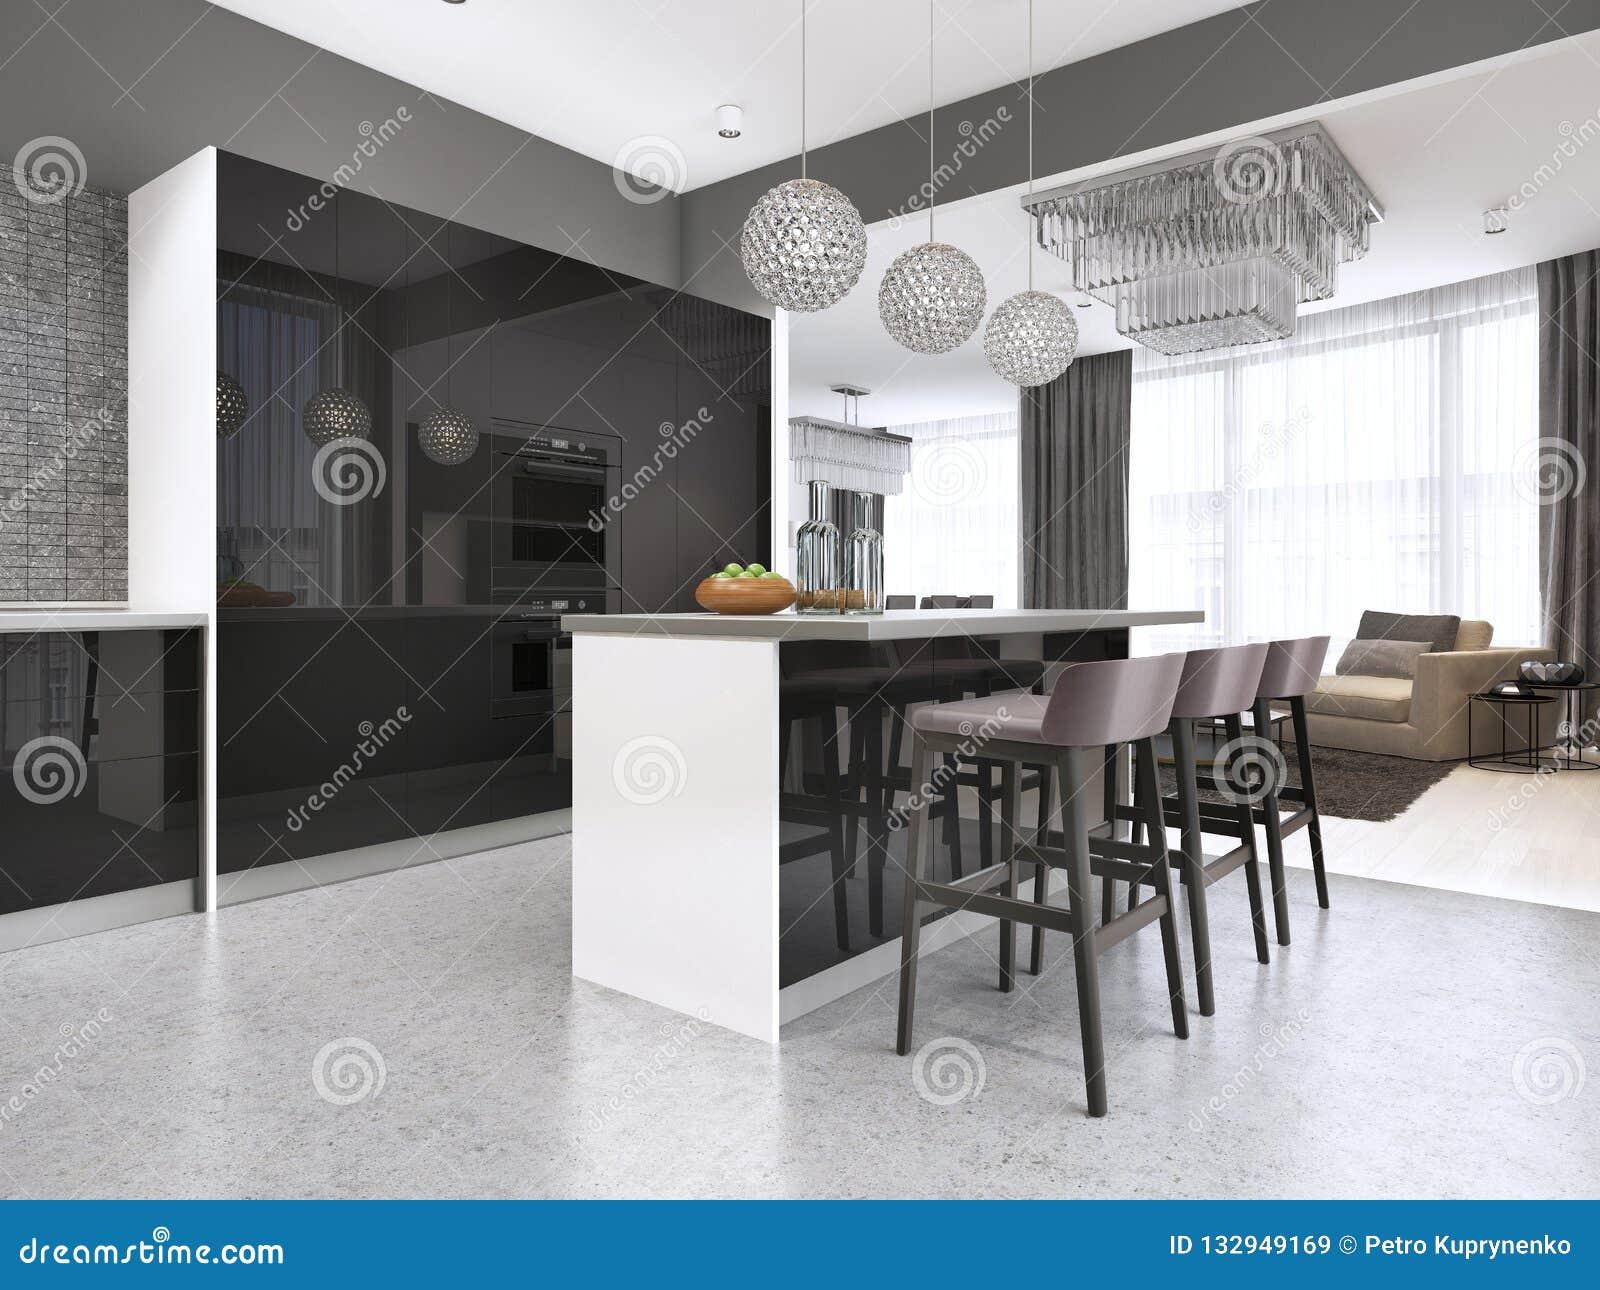 Cucina contemporanea con una facciata lucida nera con un isola e